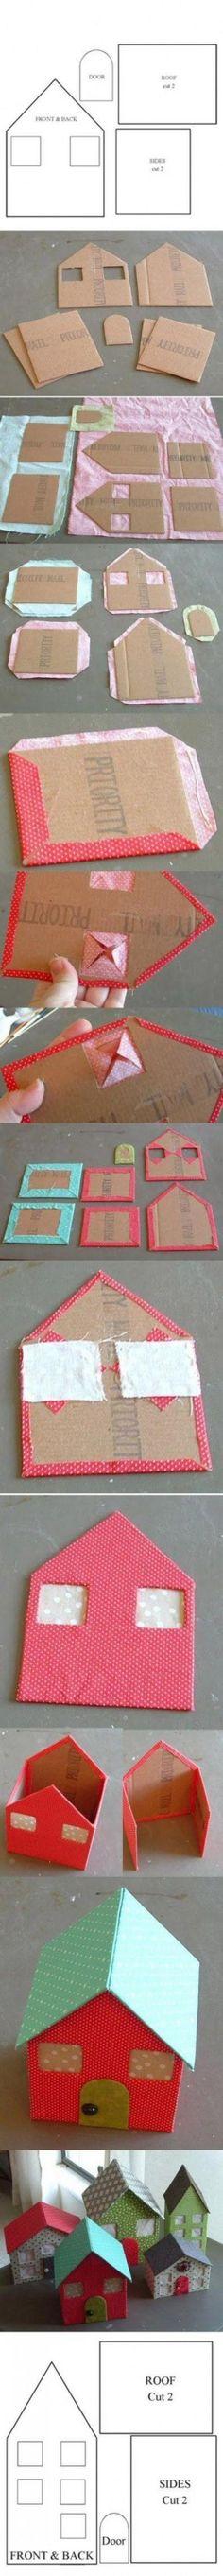 Tissus Cartonnage. Du carton, du tissu et de l'imagination